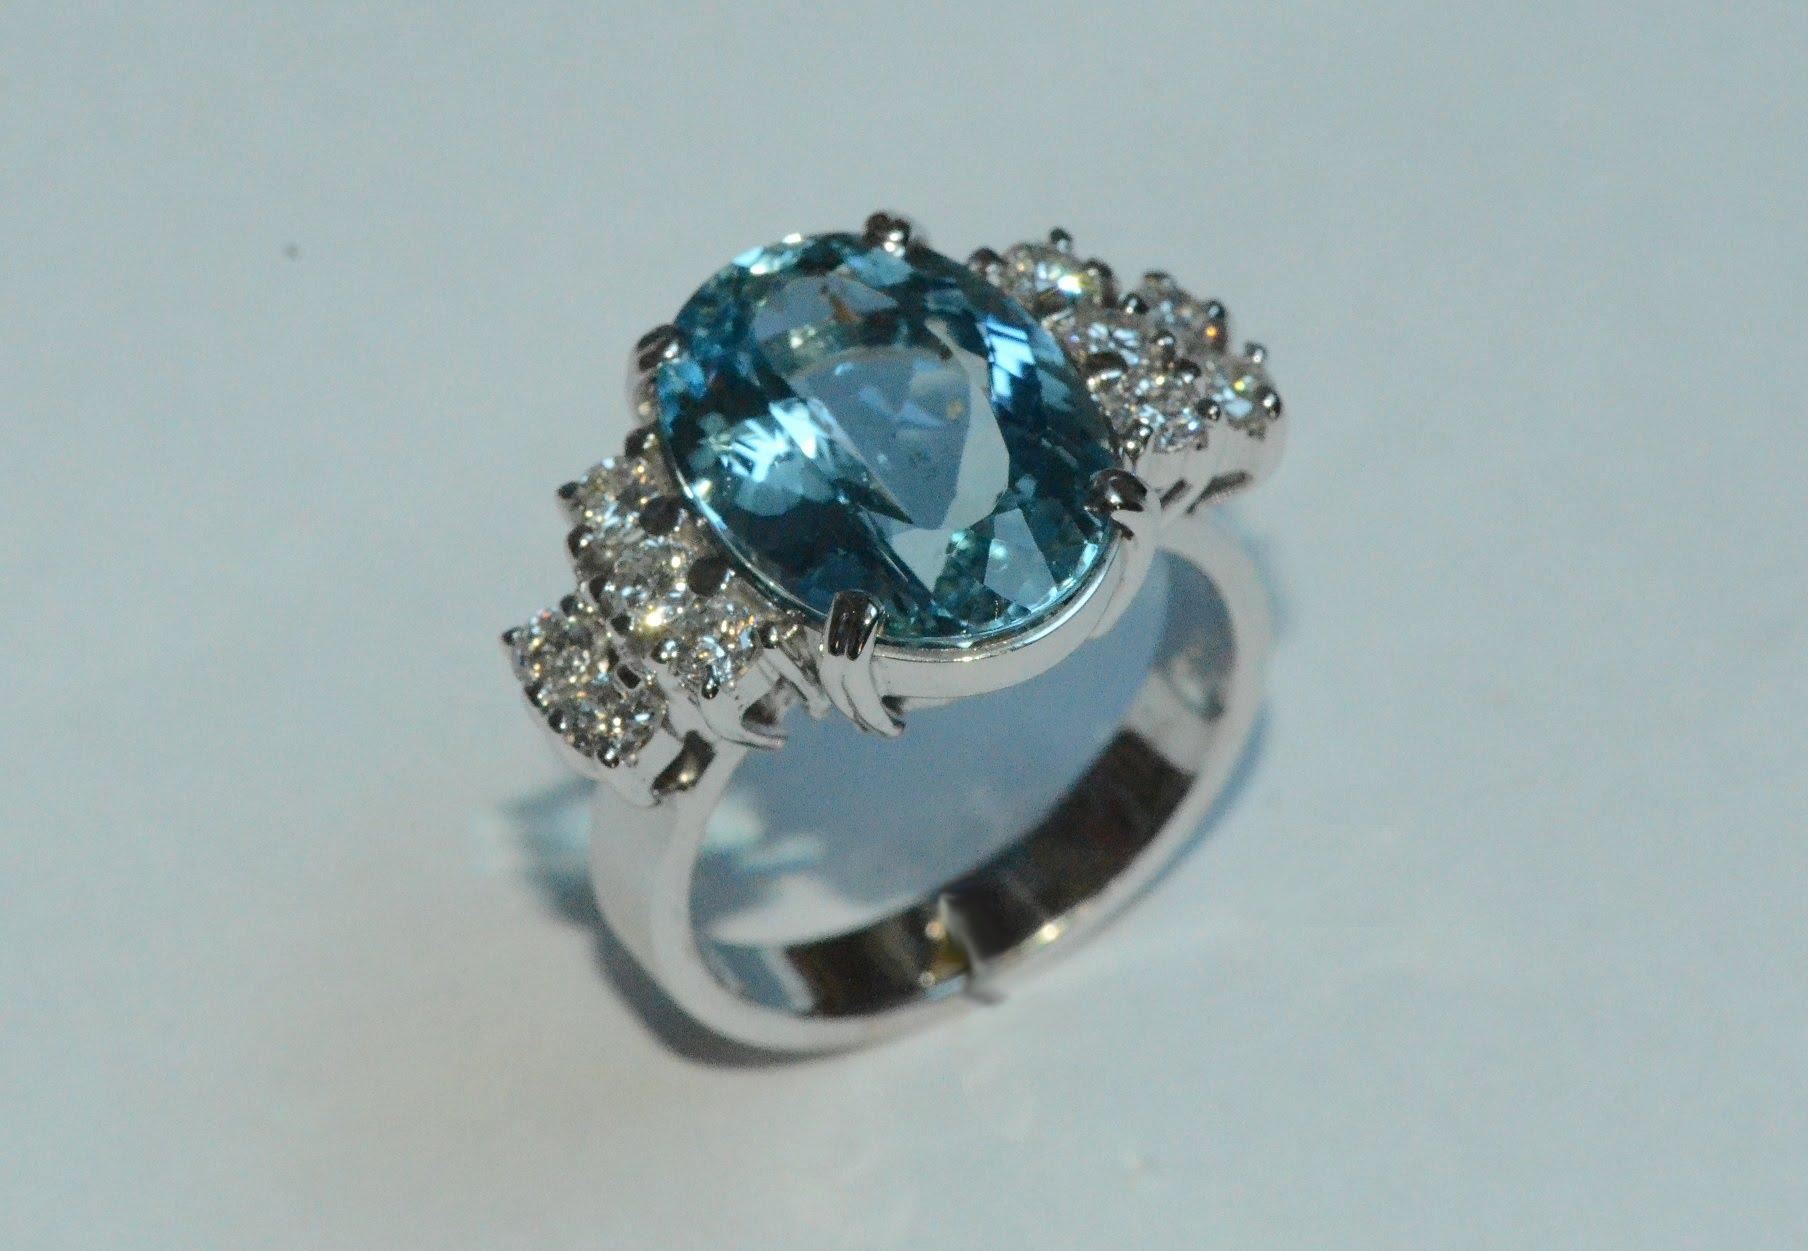 A gyémánt jegygyűrű lenyűgöző